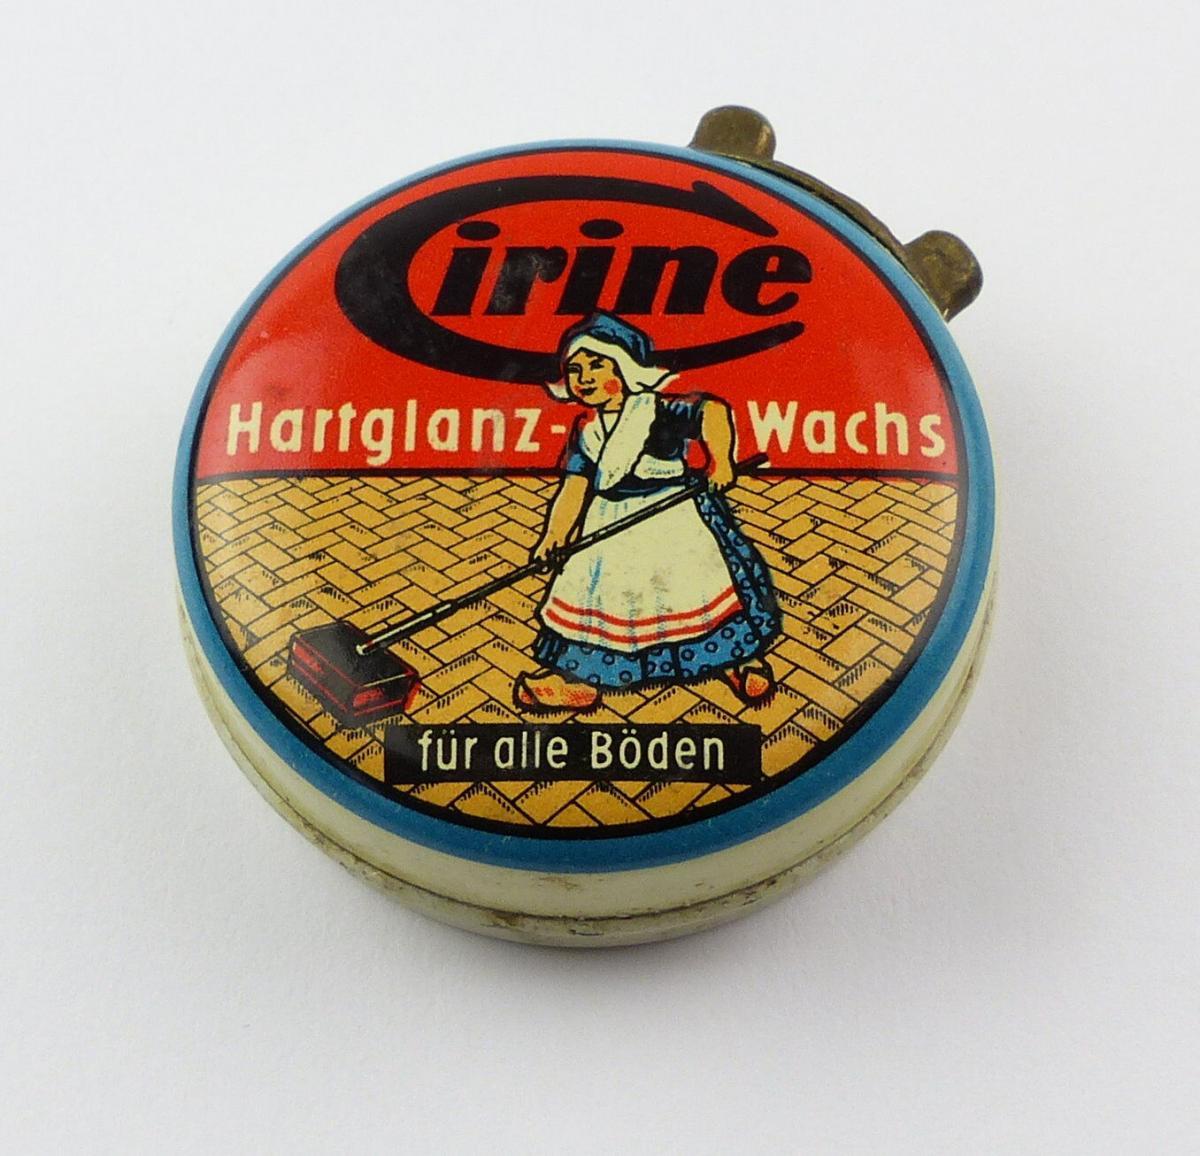 #e8265 Alte Blechdose Werbung Cirine Hartglanz-Wachs für alle Böden